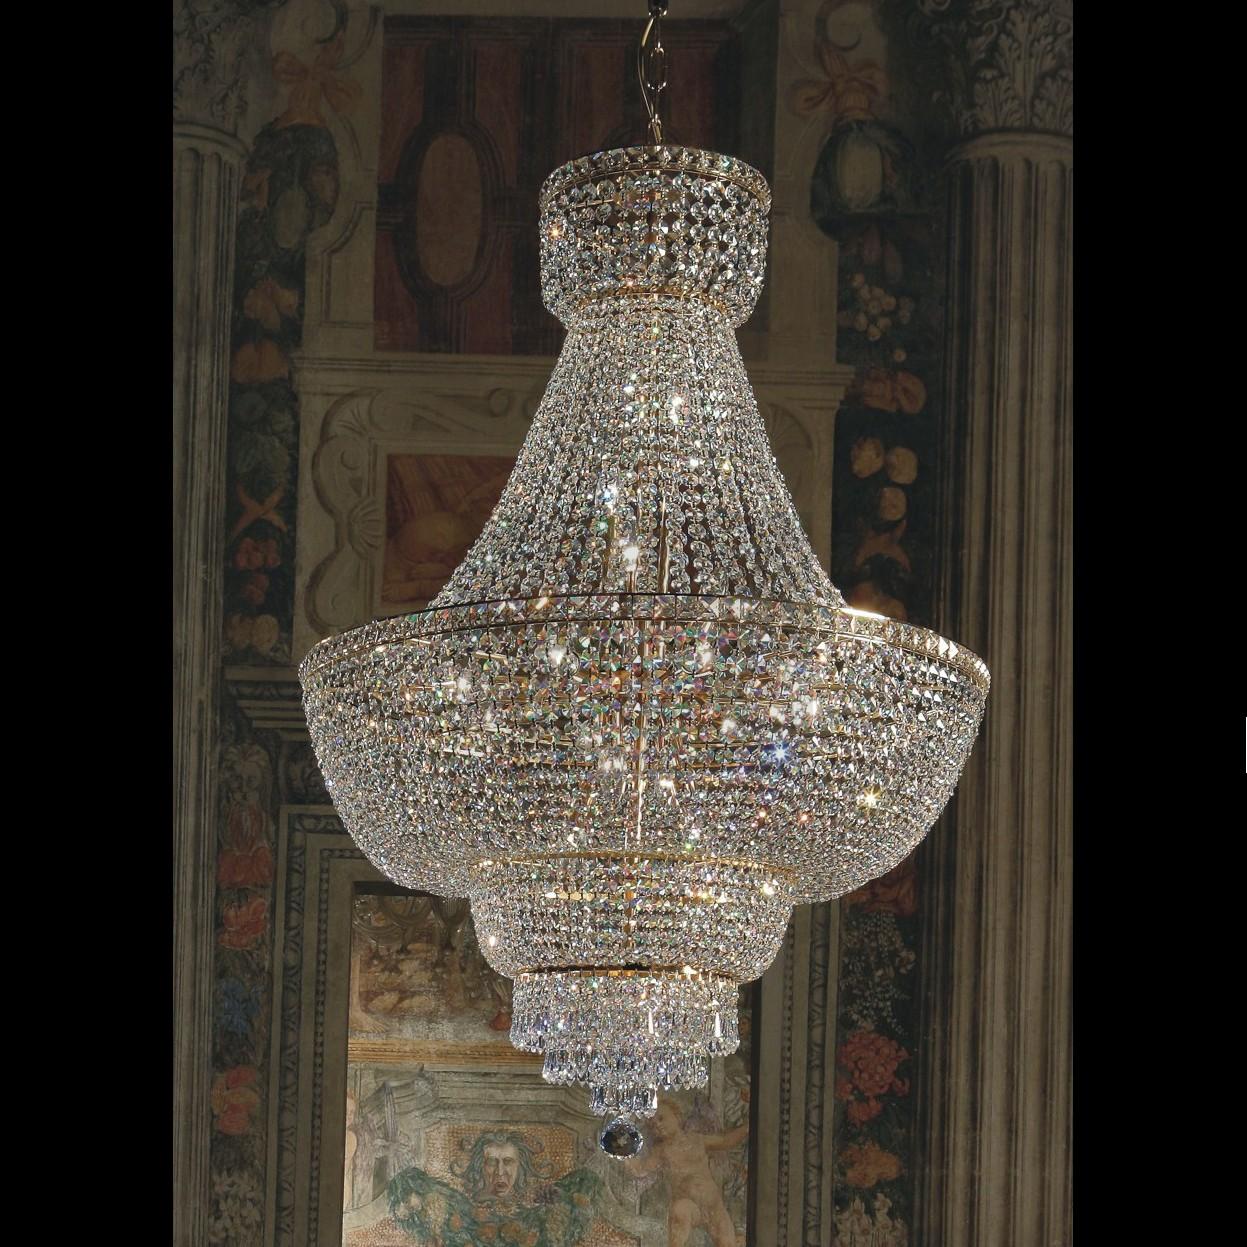 Lustre en cristal au plomb 24 montgolfi re voltolina beethoven - Produit nettoyage lustre cristal ...